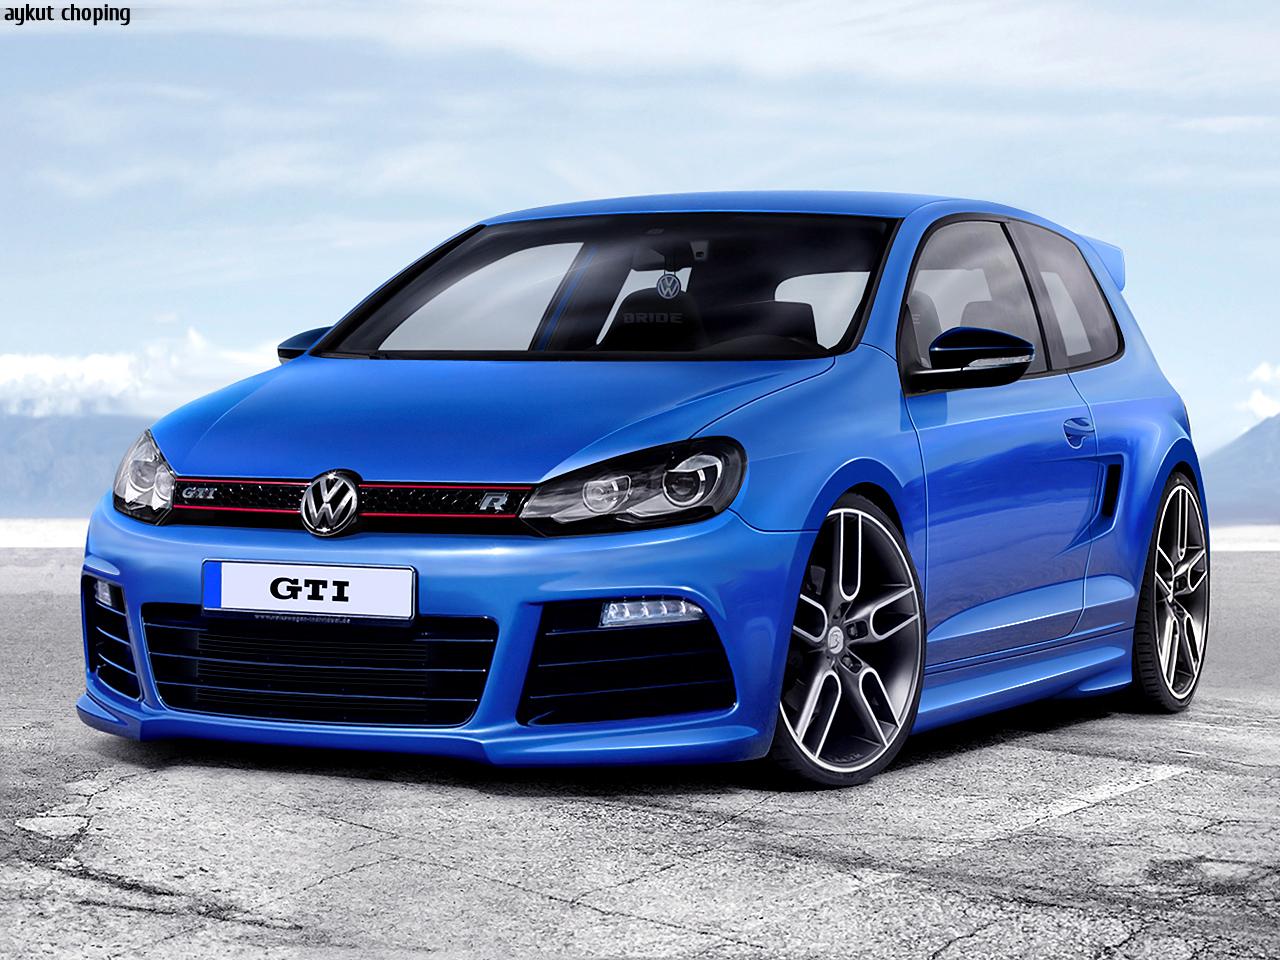 Volkswagen Golf GTI Blue